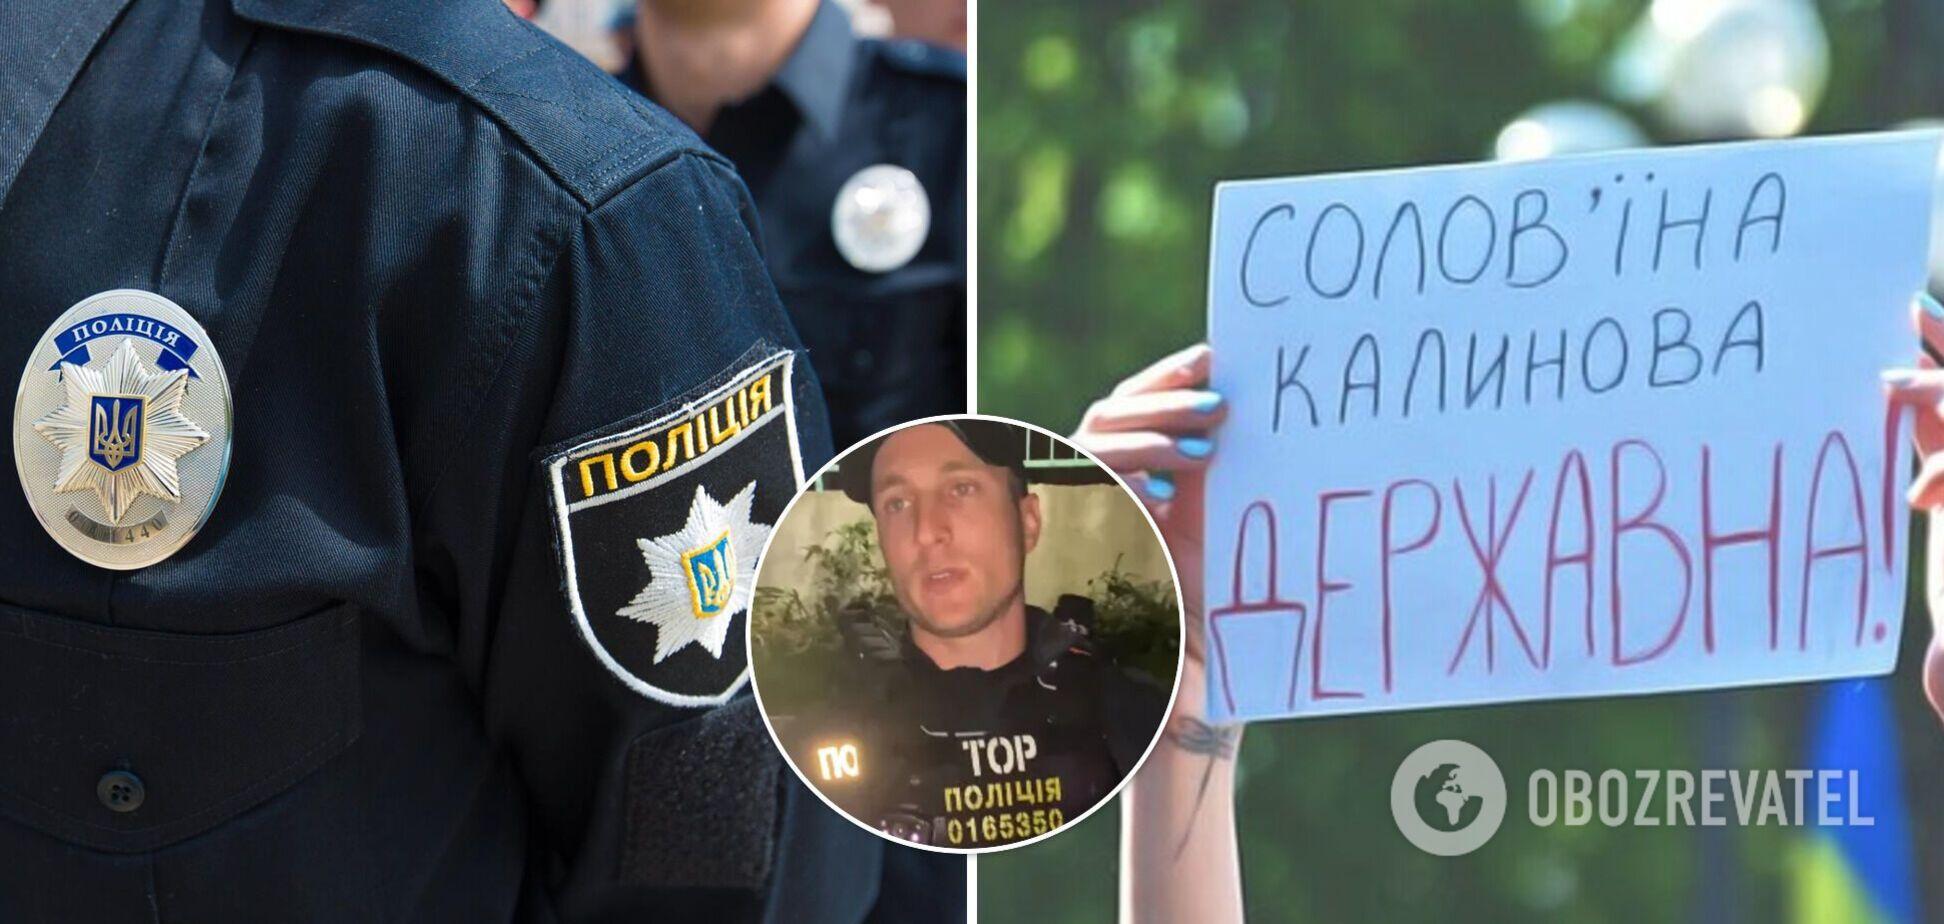 В Хмельницком полицейский отказался говорить на украинском языке: начато служебное расследование